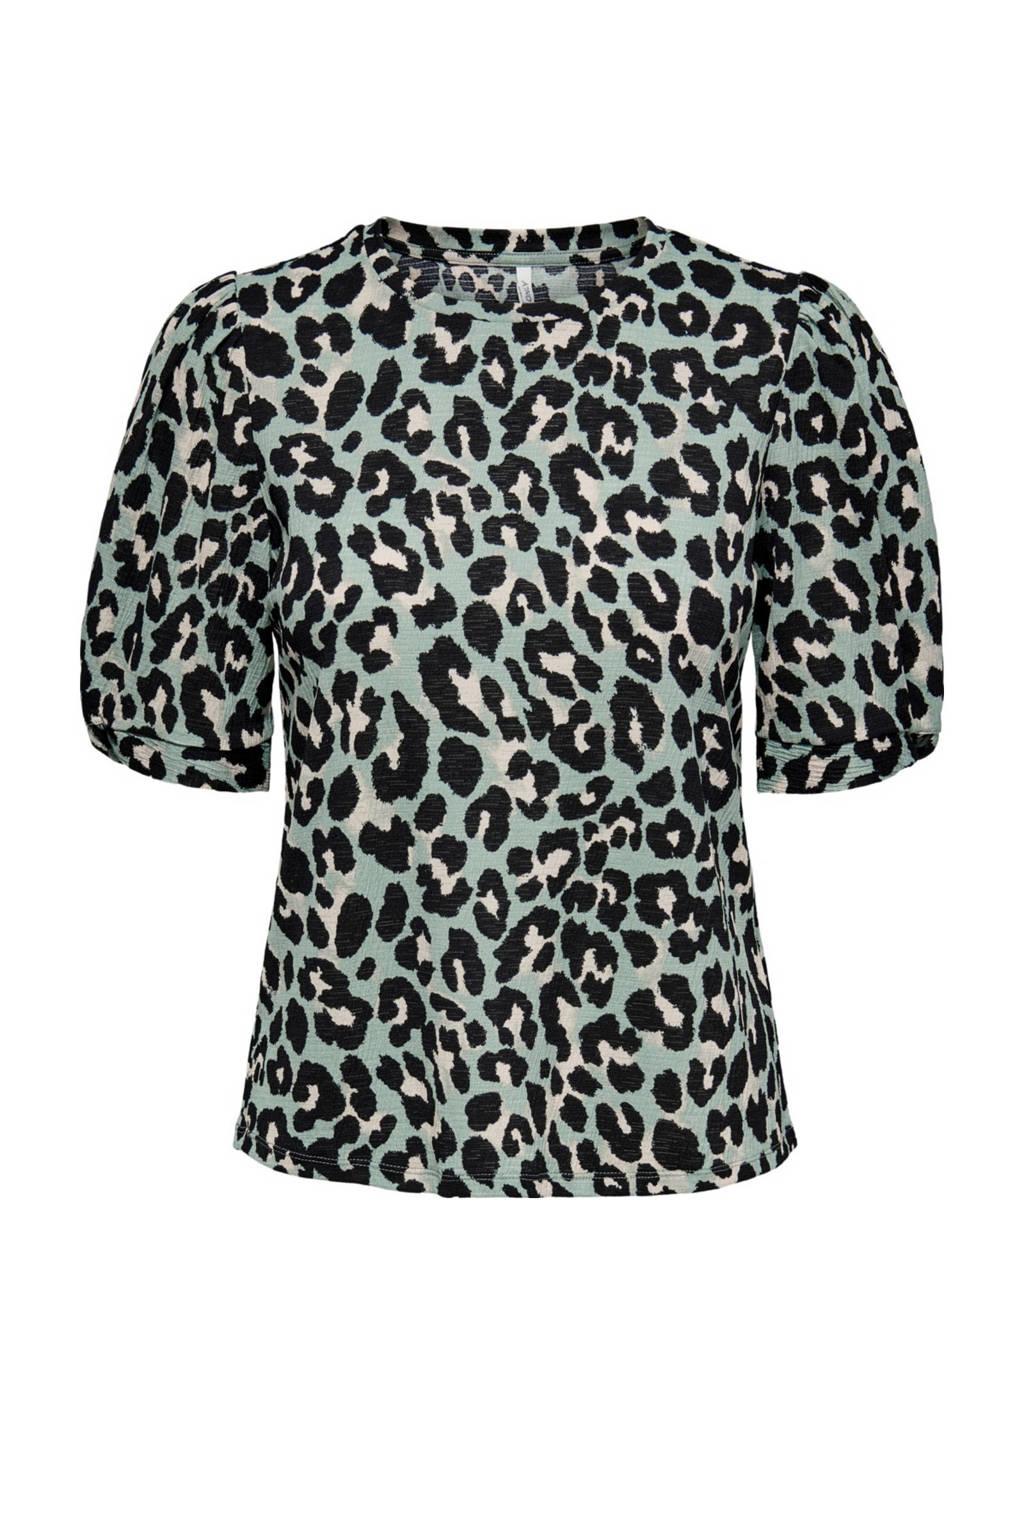 ONLY top ONLFELINE met panterprint turquoise/zwart, Turquoise/zwart